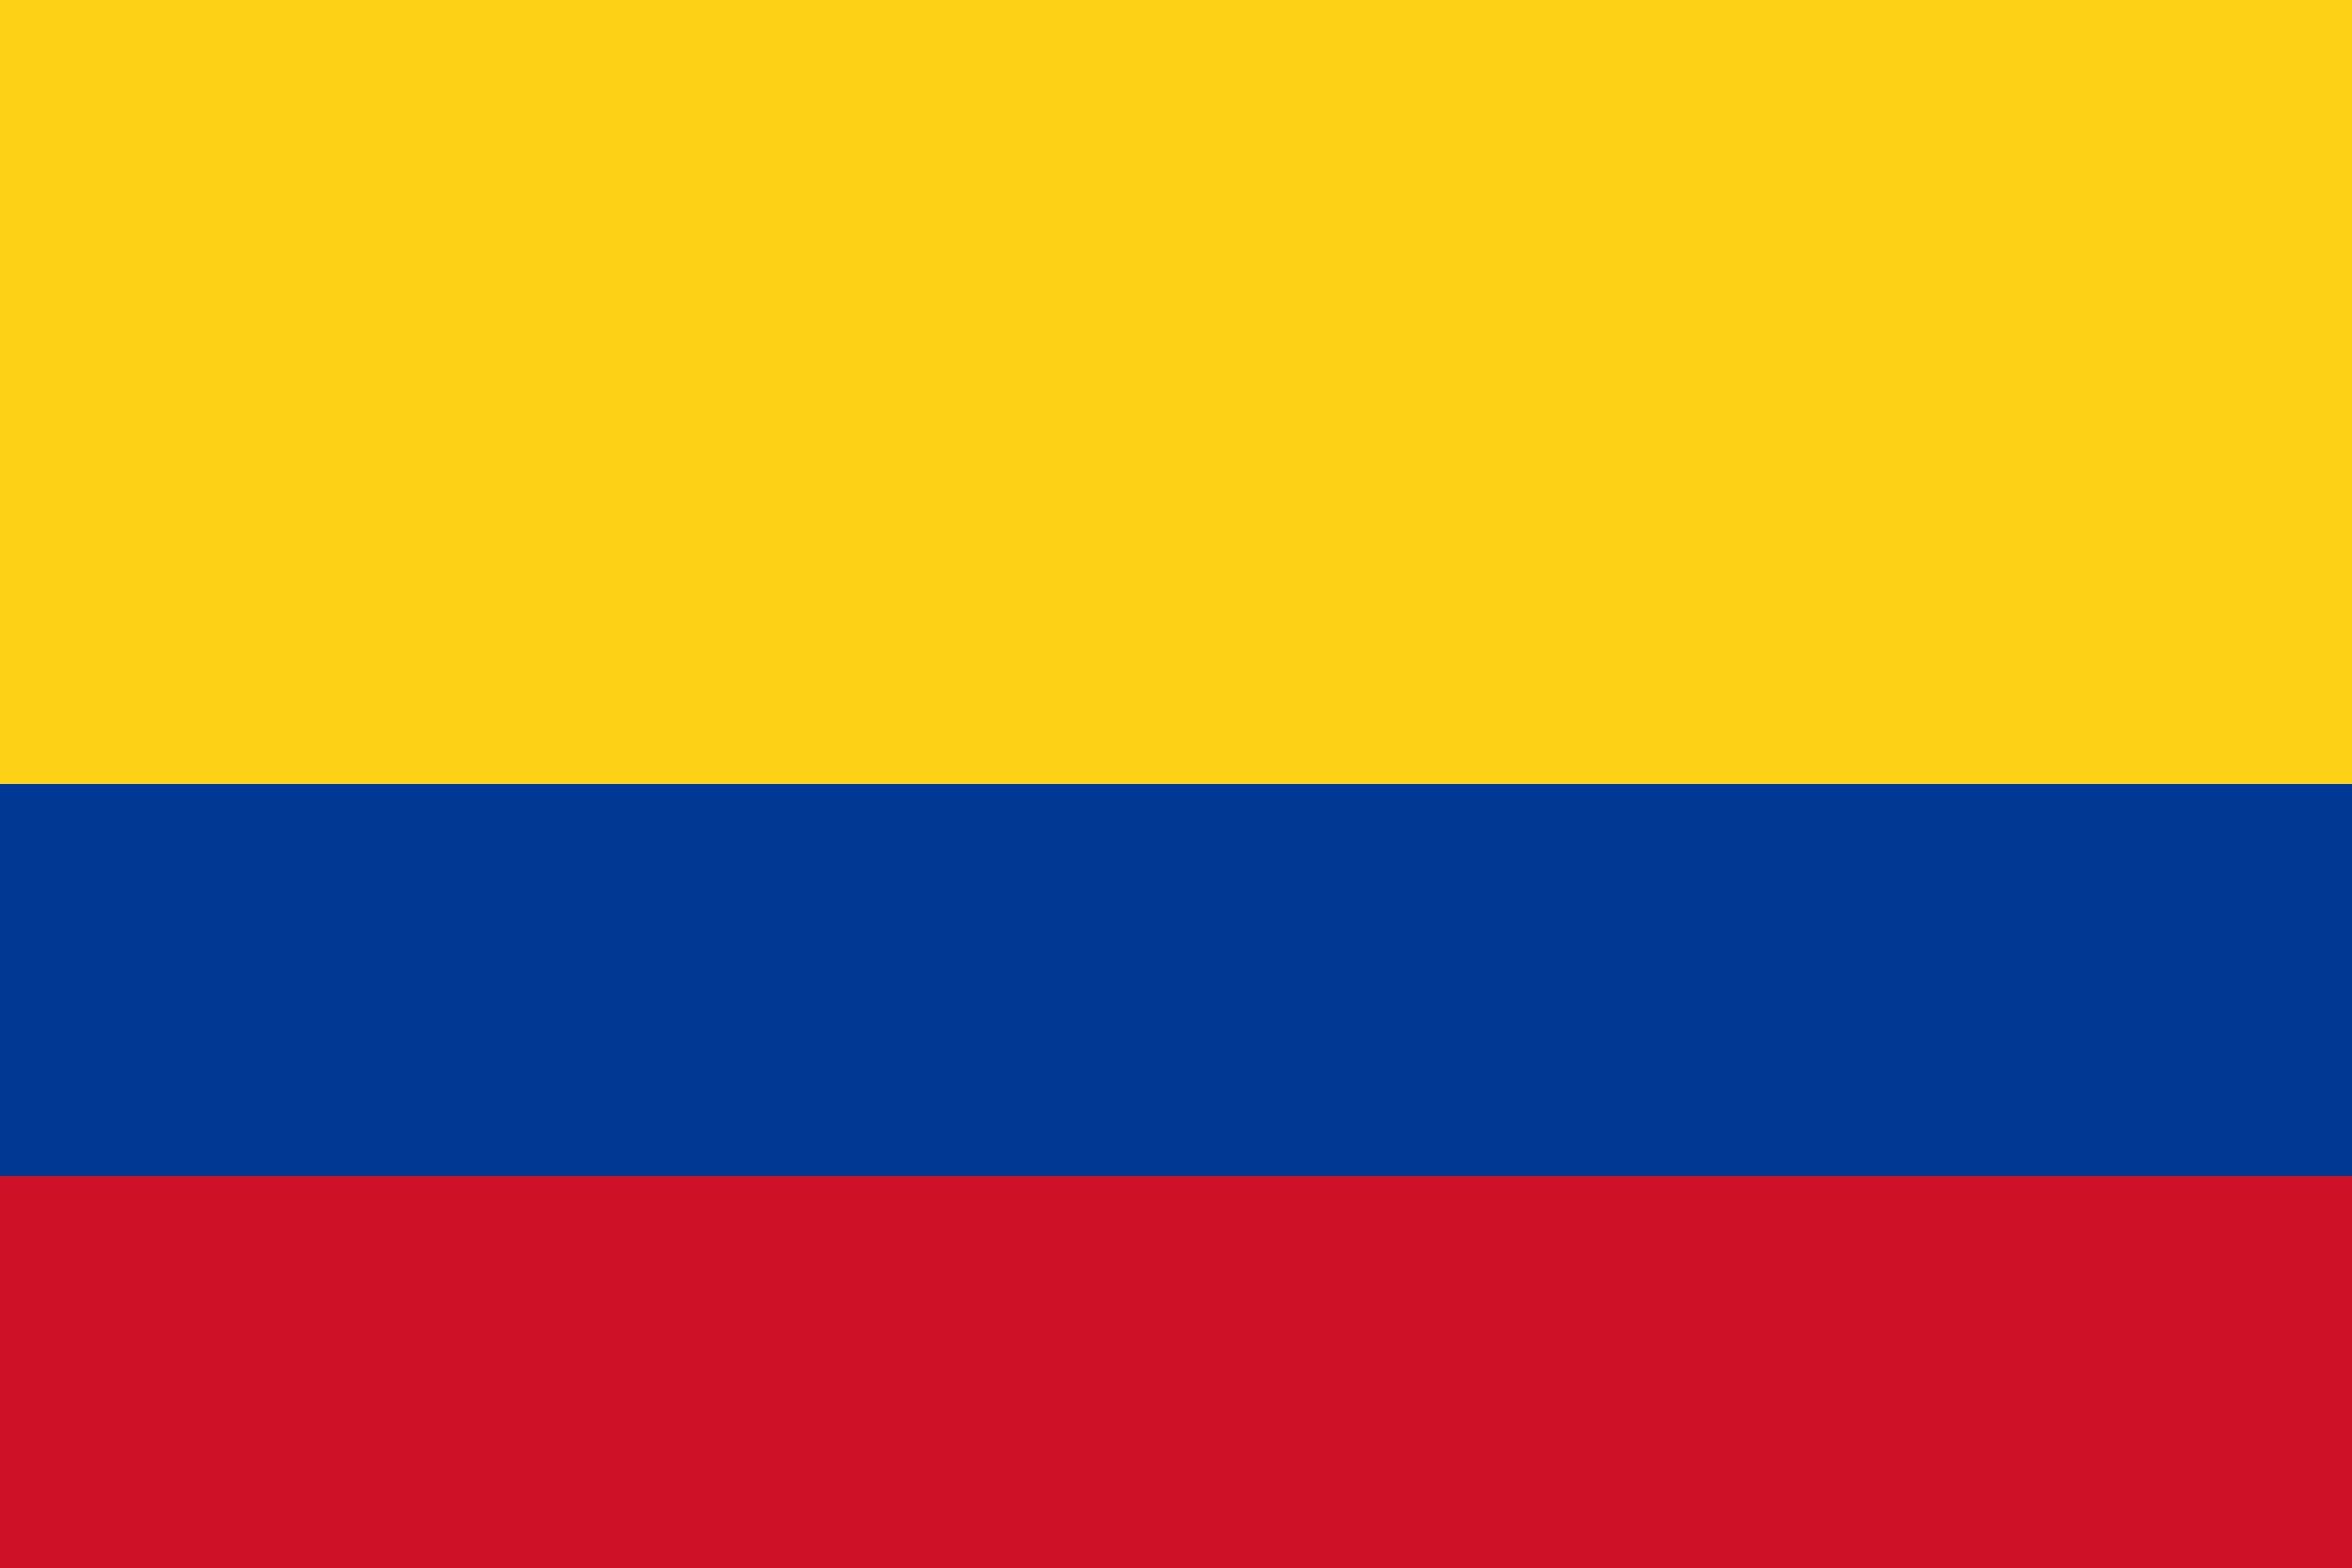 Colombie, pays, emblème, logo, symbole - Fonds d'écran HD - Professor-falken.com